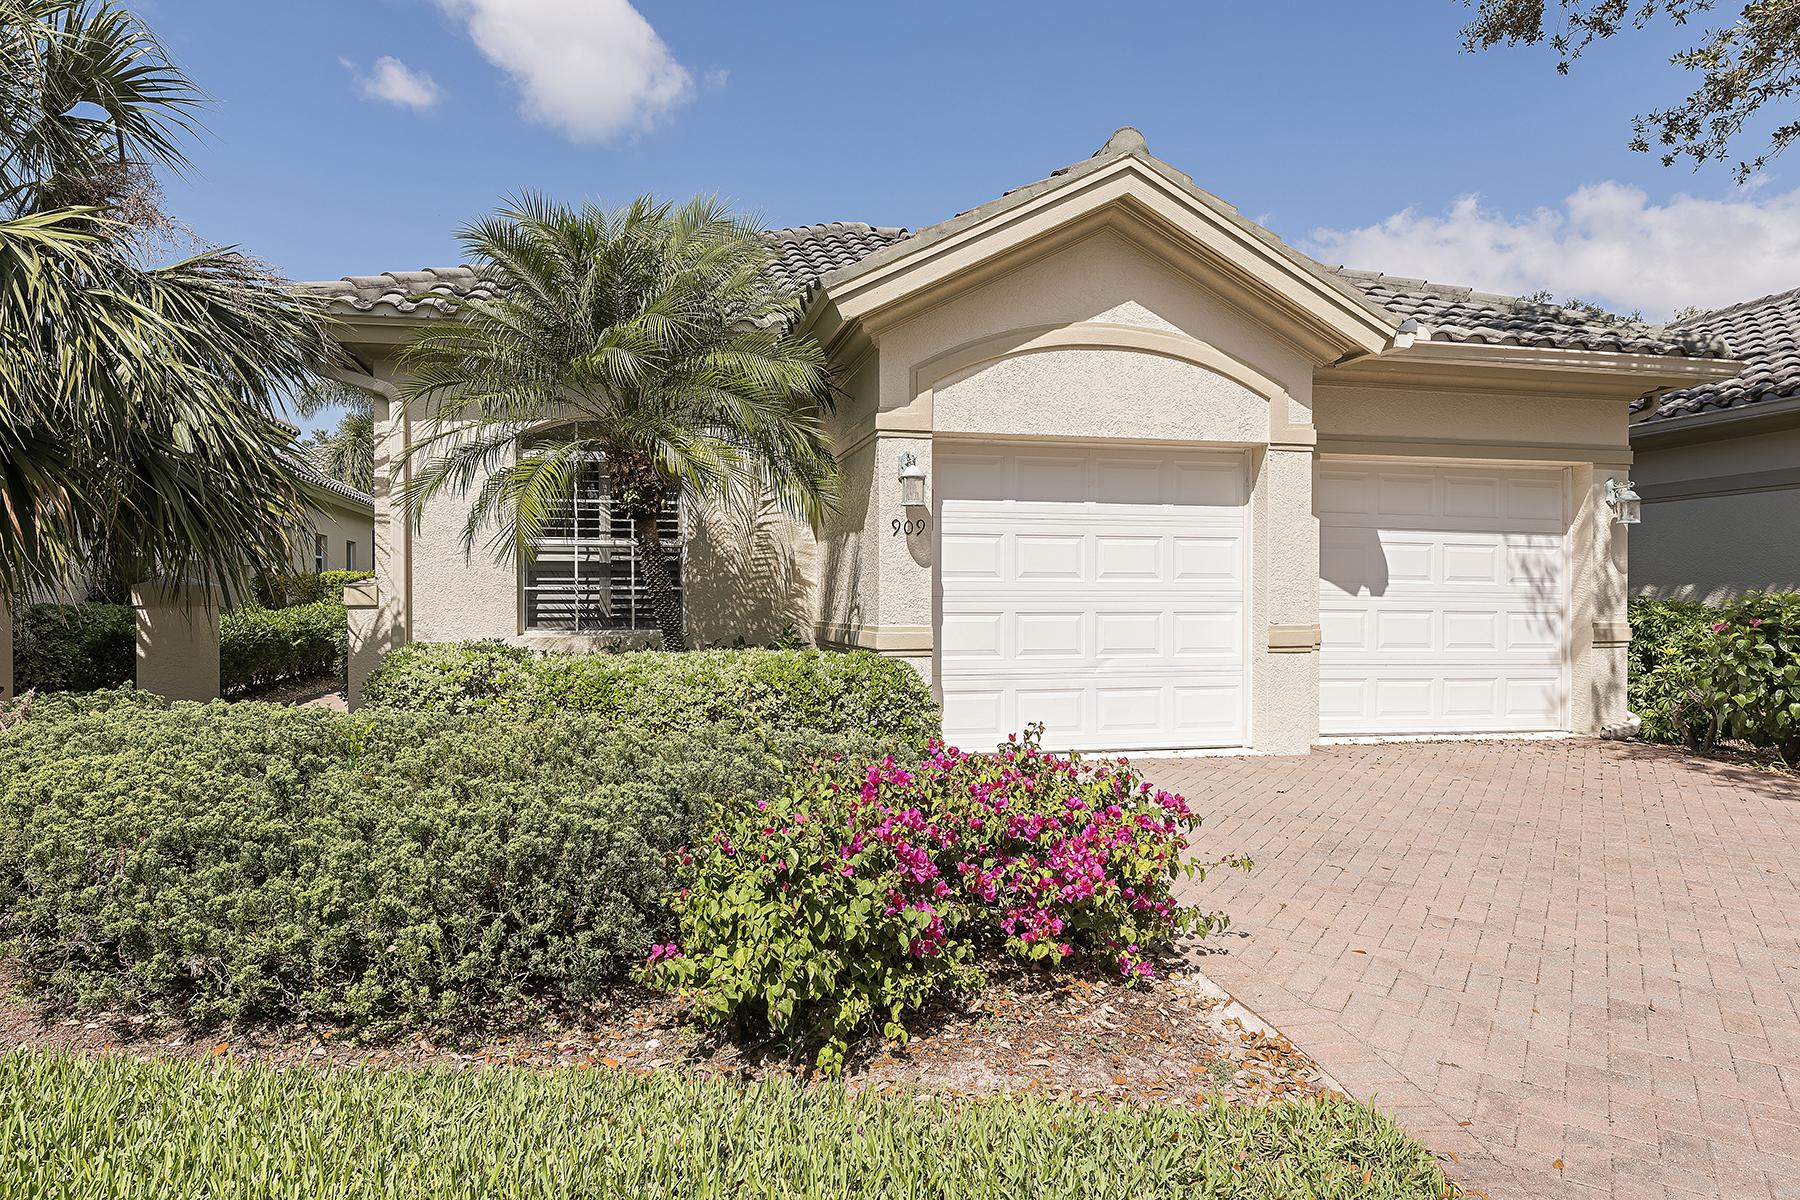 Stadthaus für Verkauf beim VINEYARDS - VILLA VISTANA 909 Vistana Cir 8, Vineyards, Naples, Florida, 34119 Vereinigte Staaten